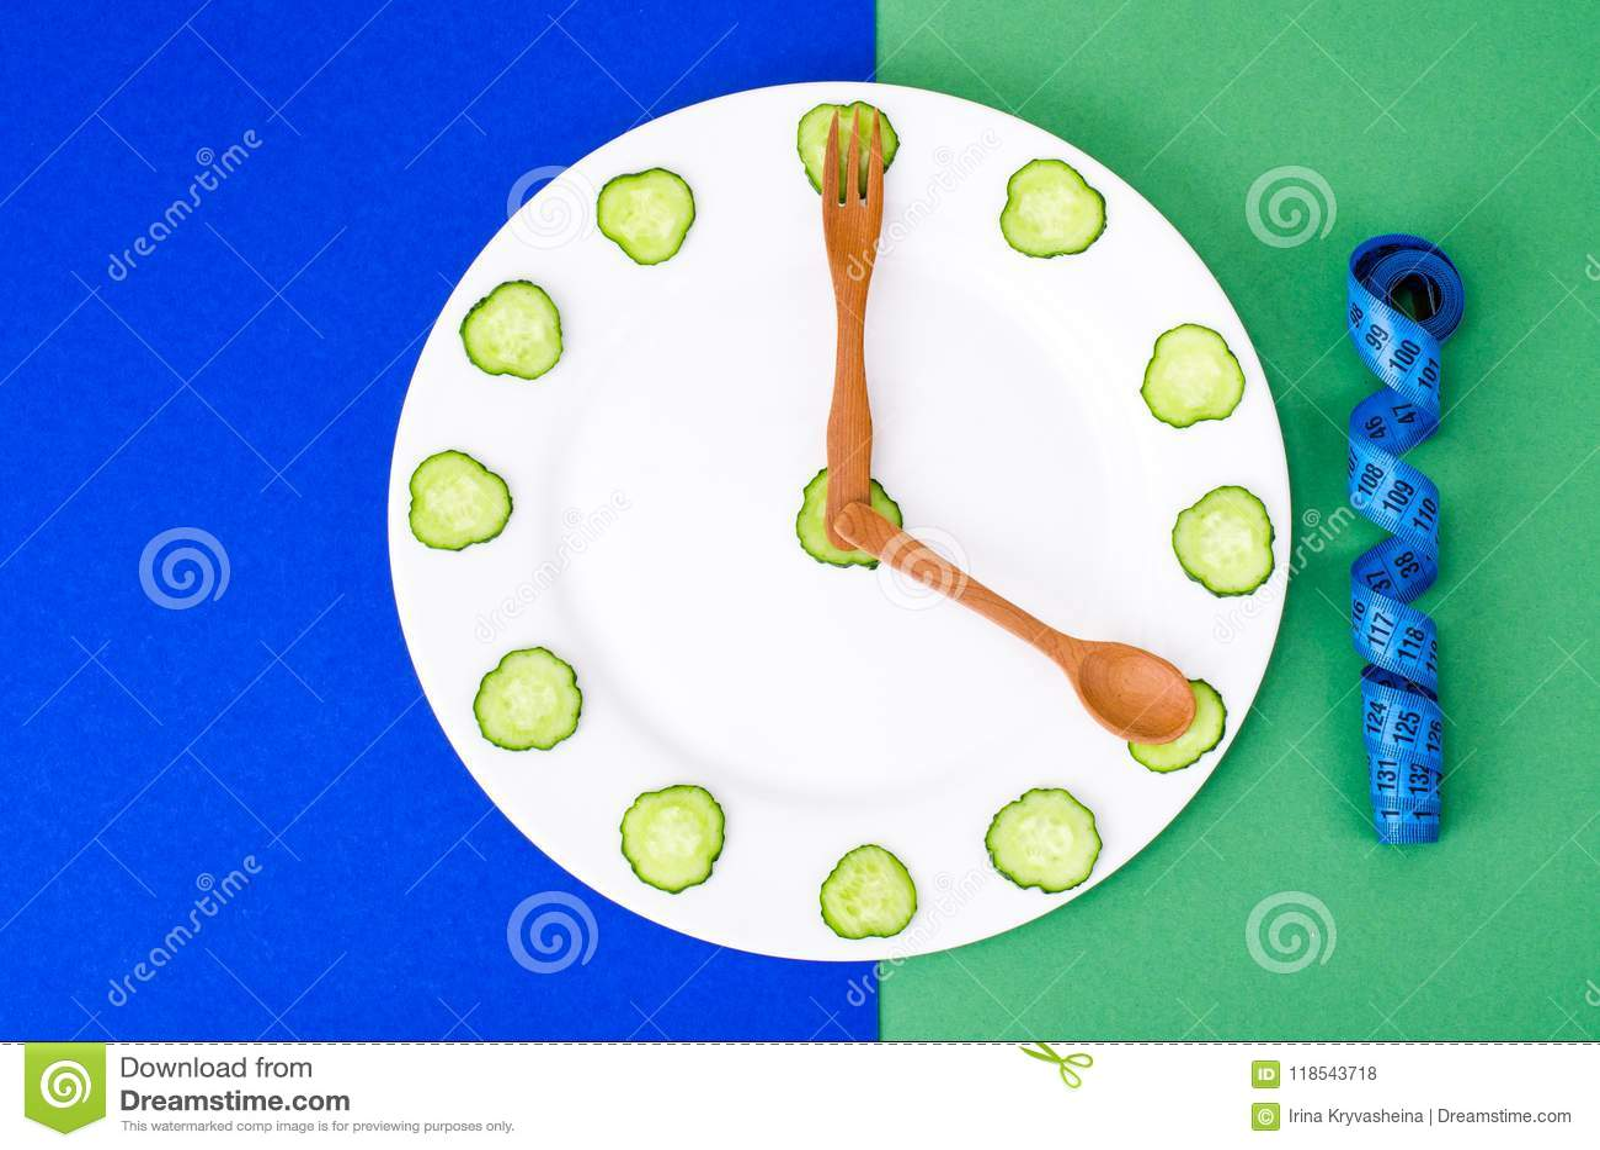 Concept dieetvoeding, gezonde levensstijl, vegetarisch menu